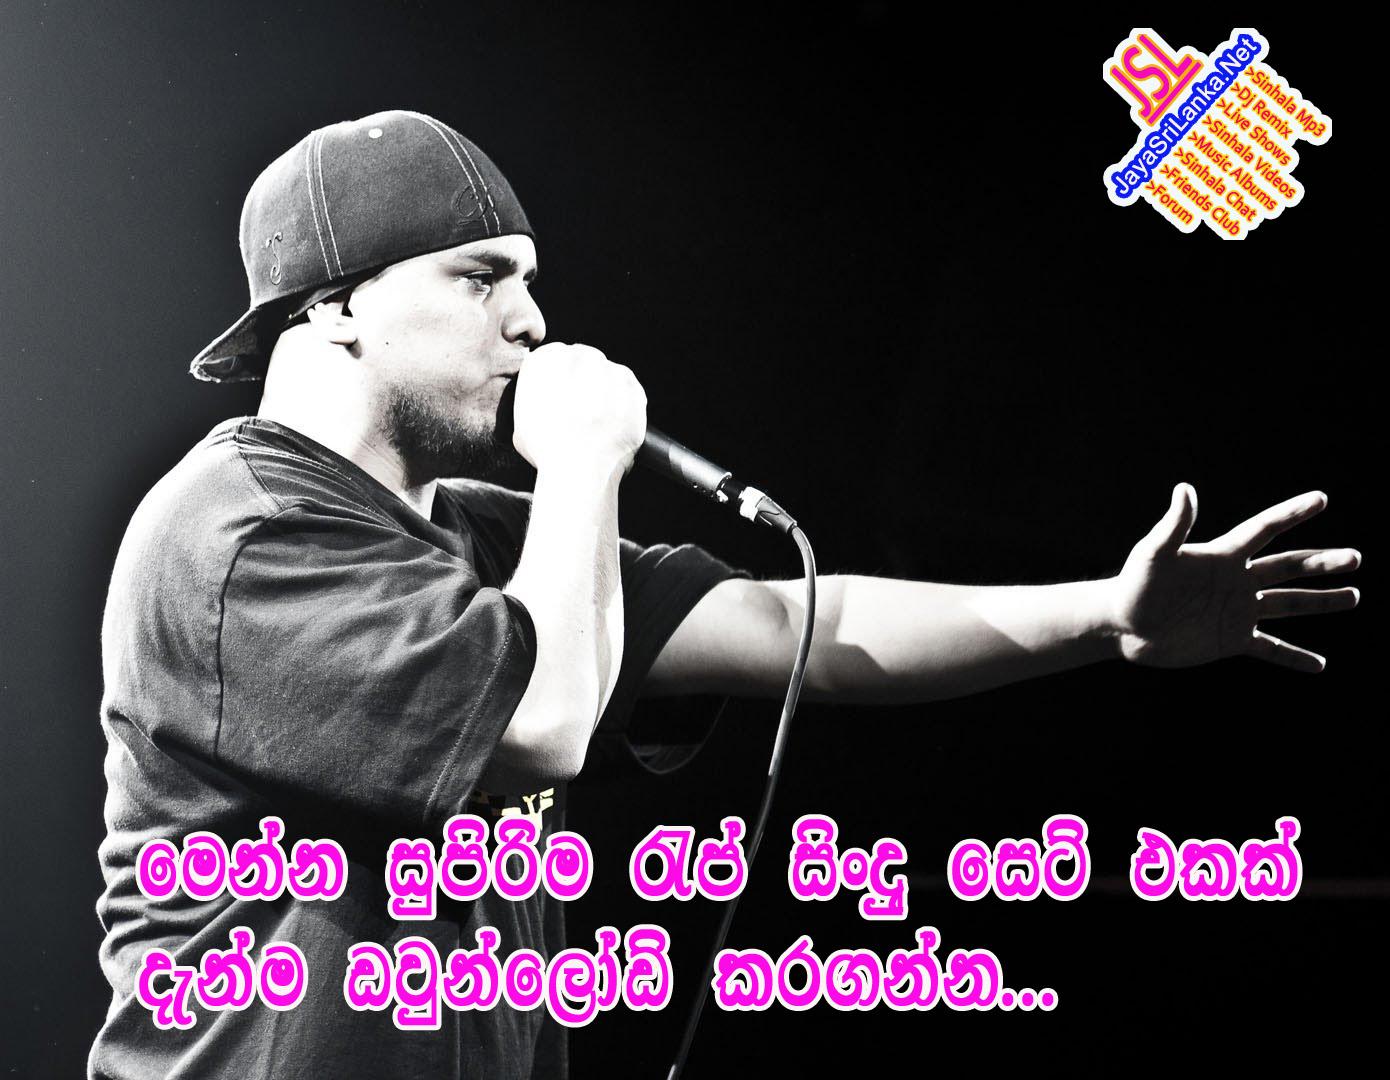 Sinhala rap songs mp3 download 2015